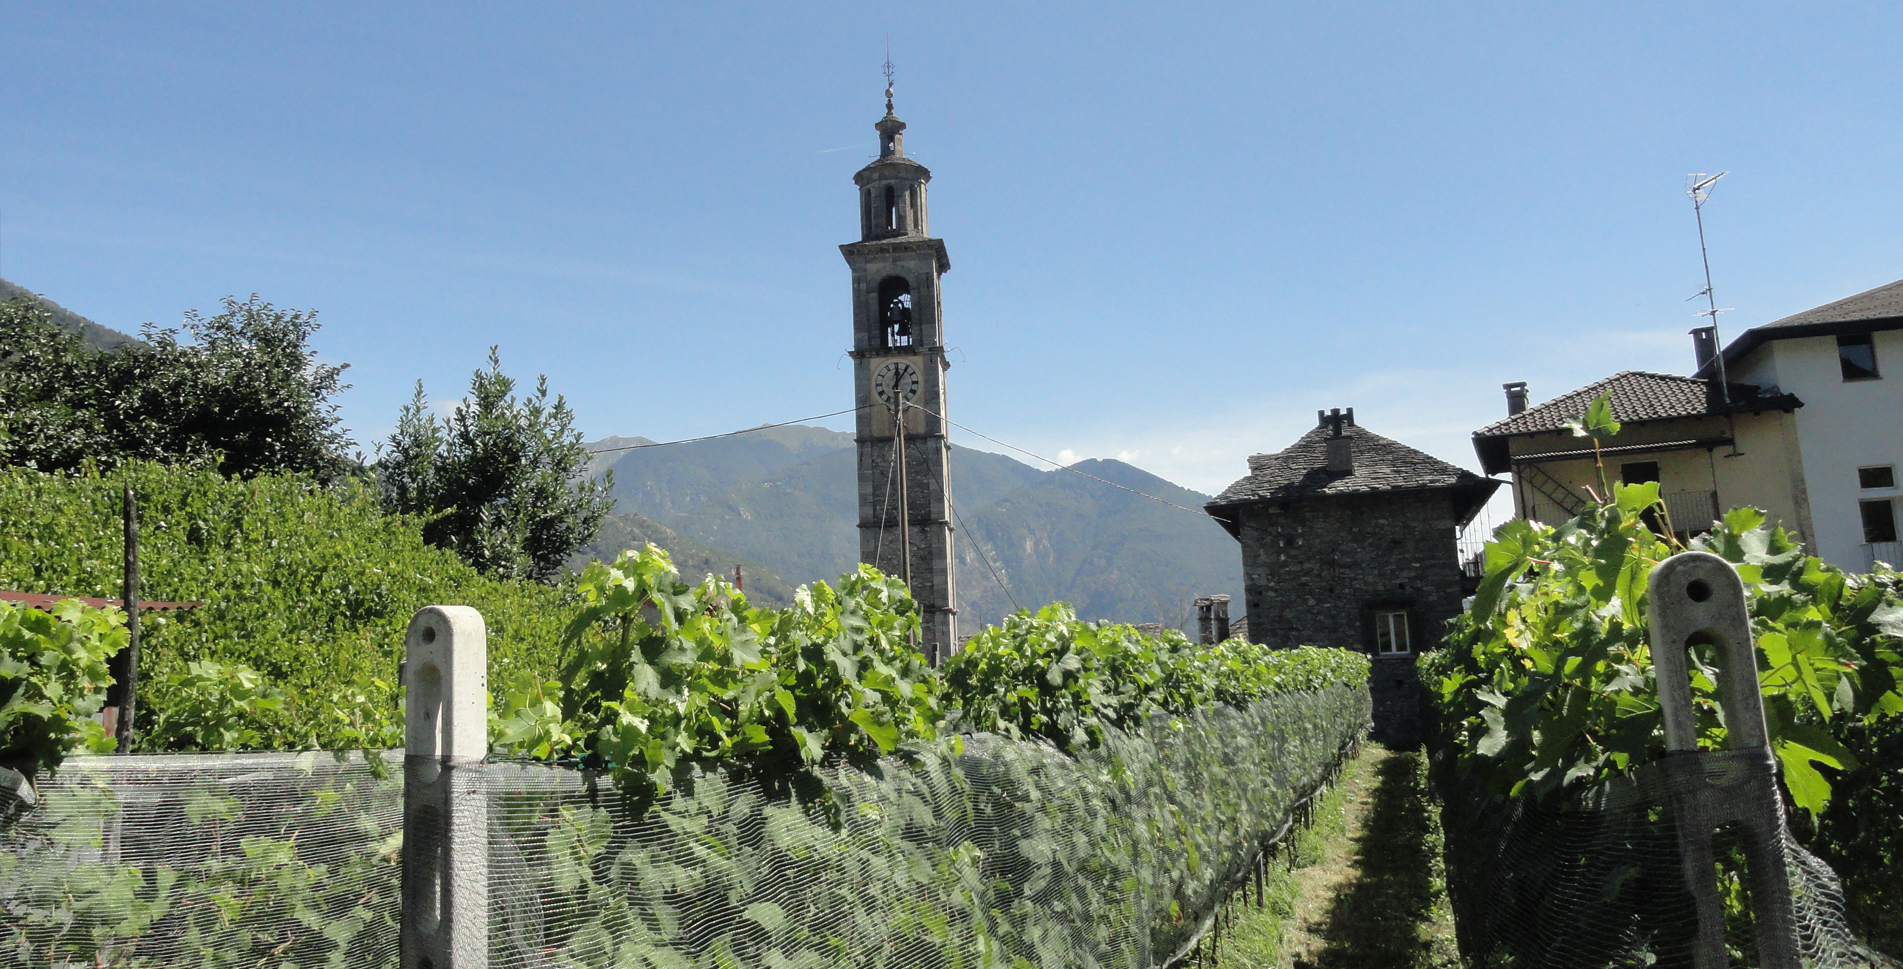 Wanderung von Intragna (Centovalli) nach Loco (Onsernonetal)